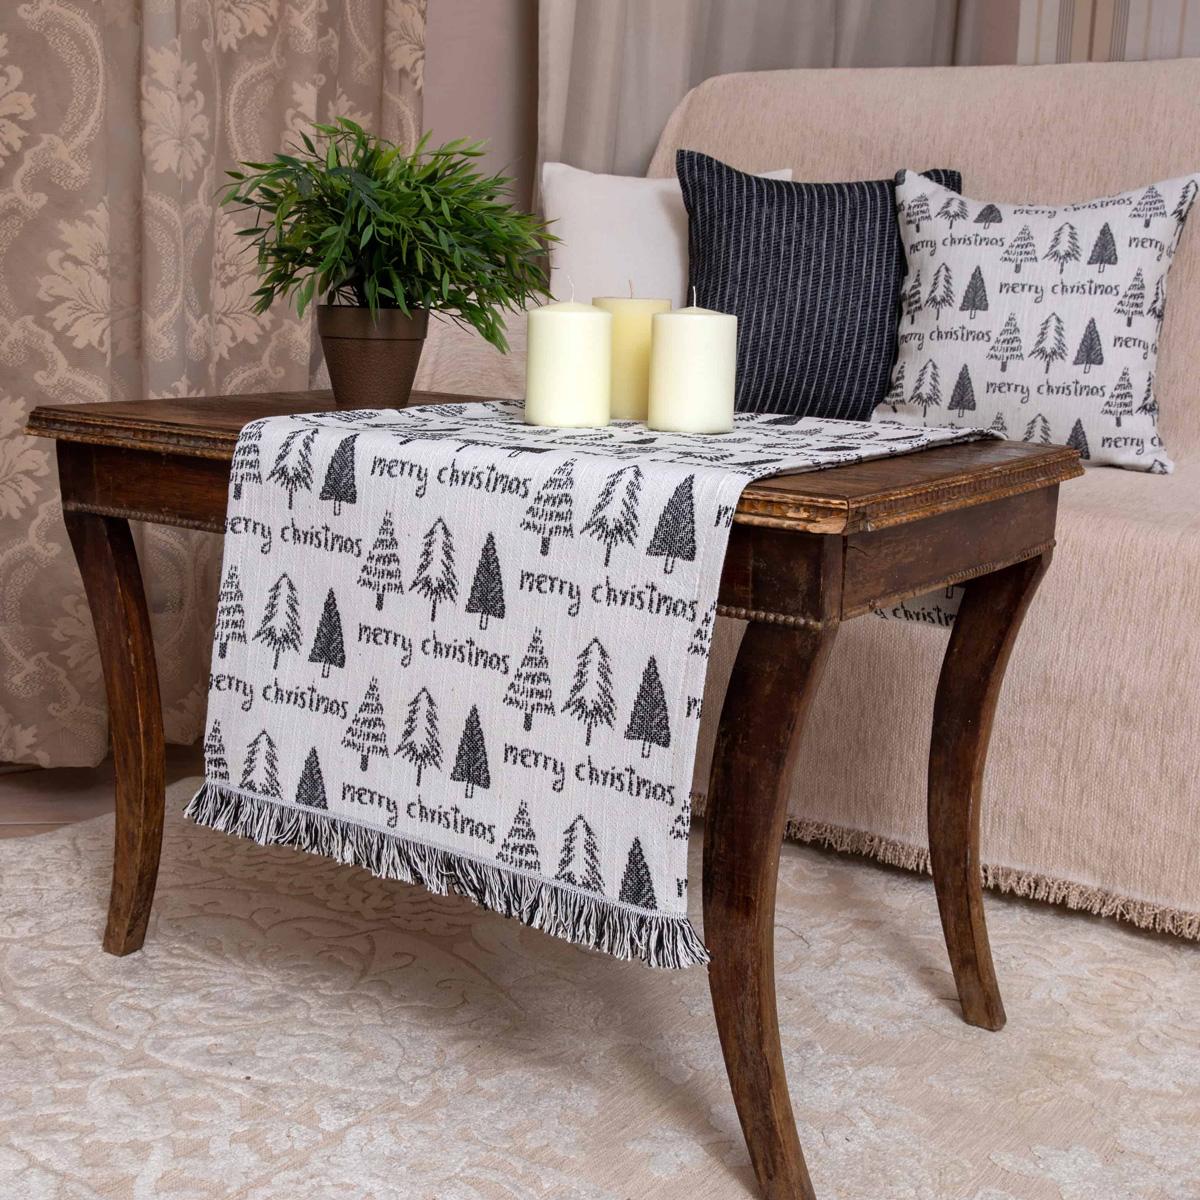 Χριστουγεννιάτικη Τραβέρσα Loom To Room Noel Black/White